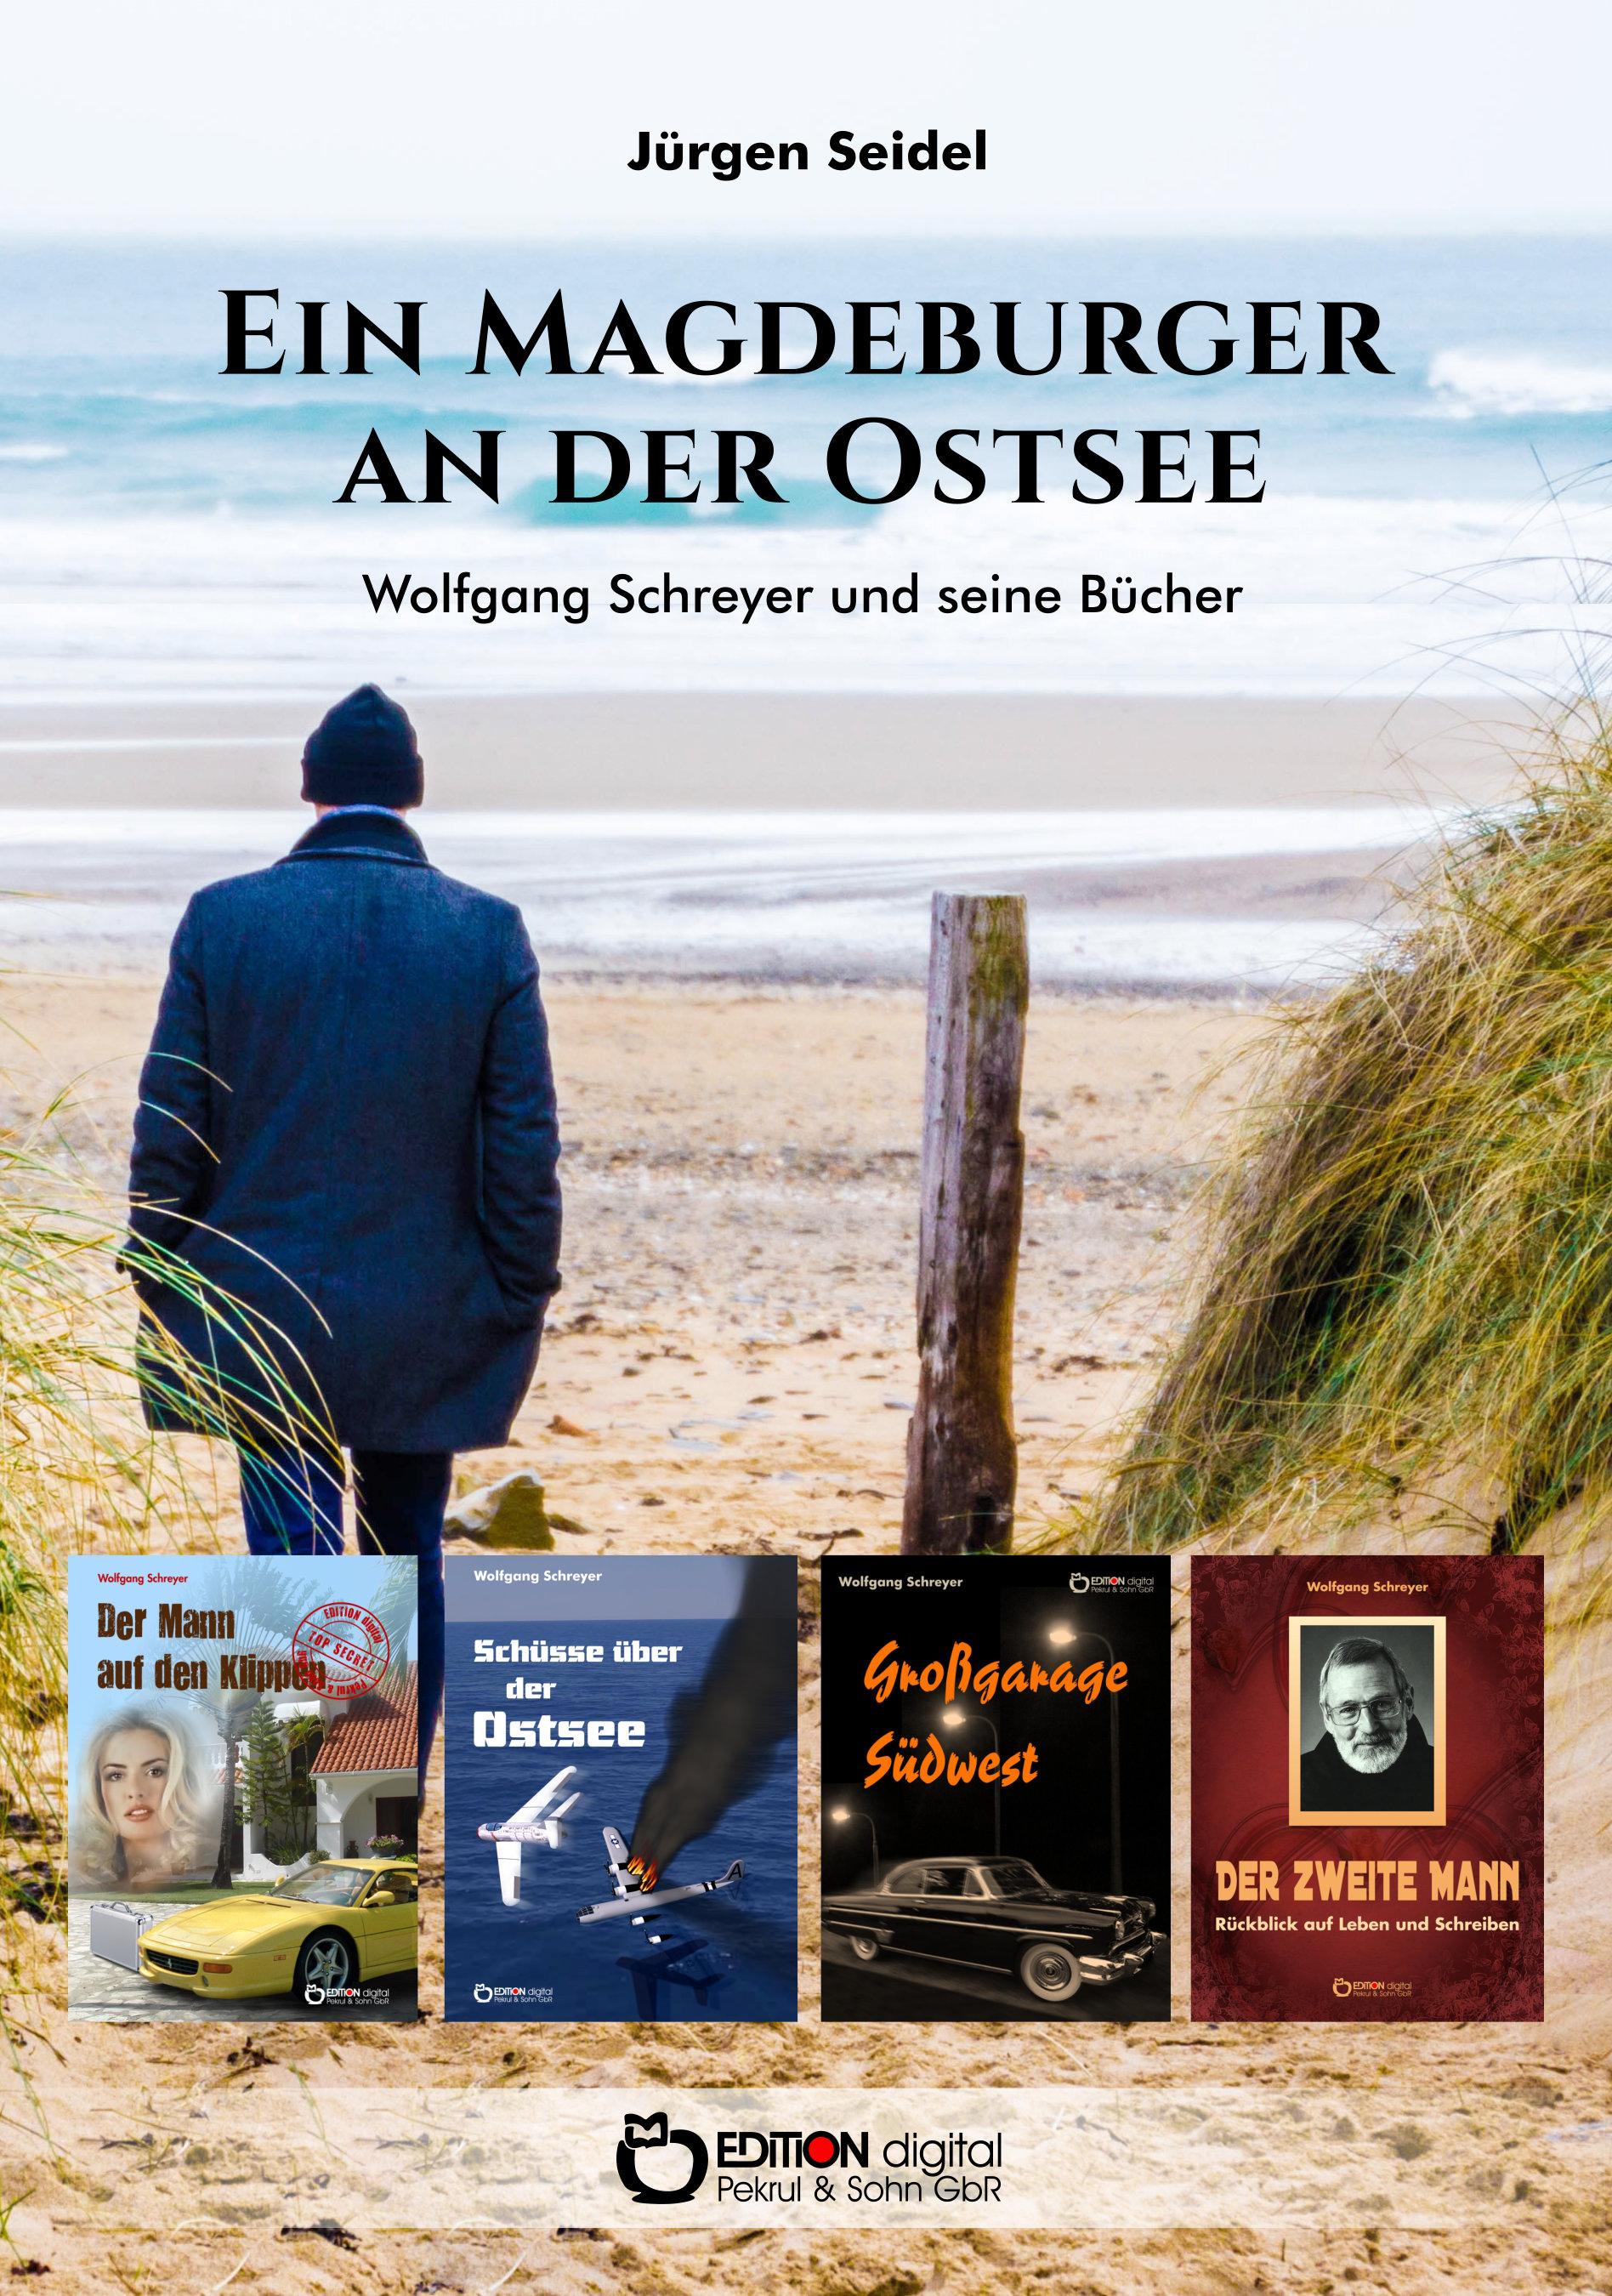 Ein Magdeburger an der Ostsee.Wolfgang Schreyer und seine Bücher von Jürgen Seidel, Wolfgang Schreyer